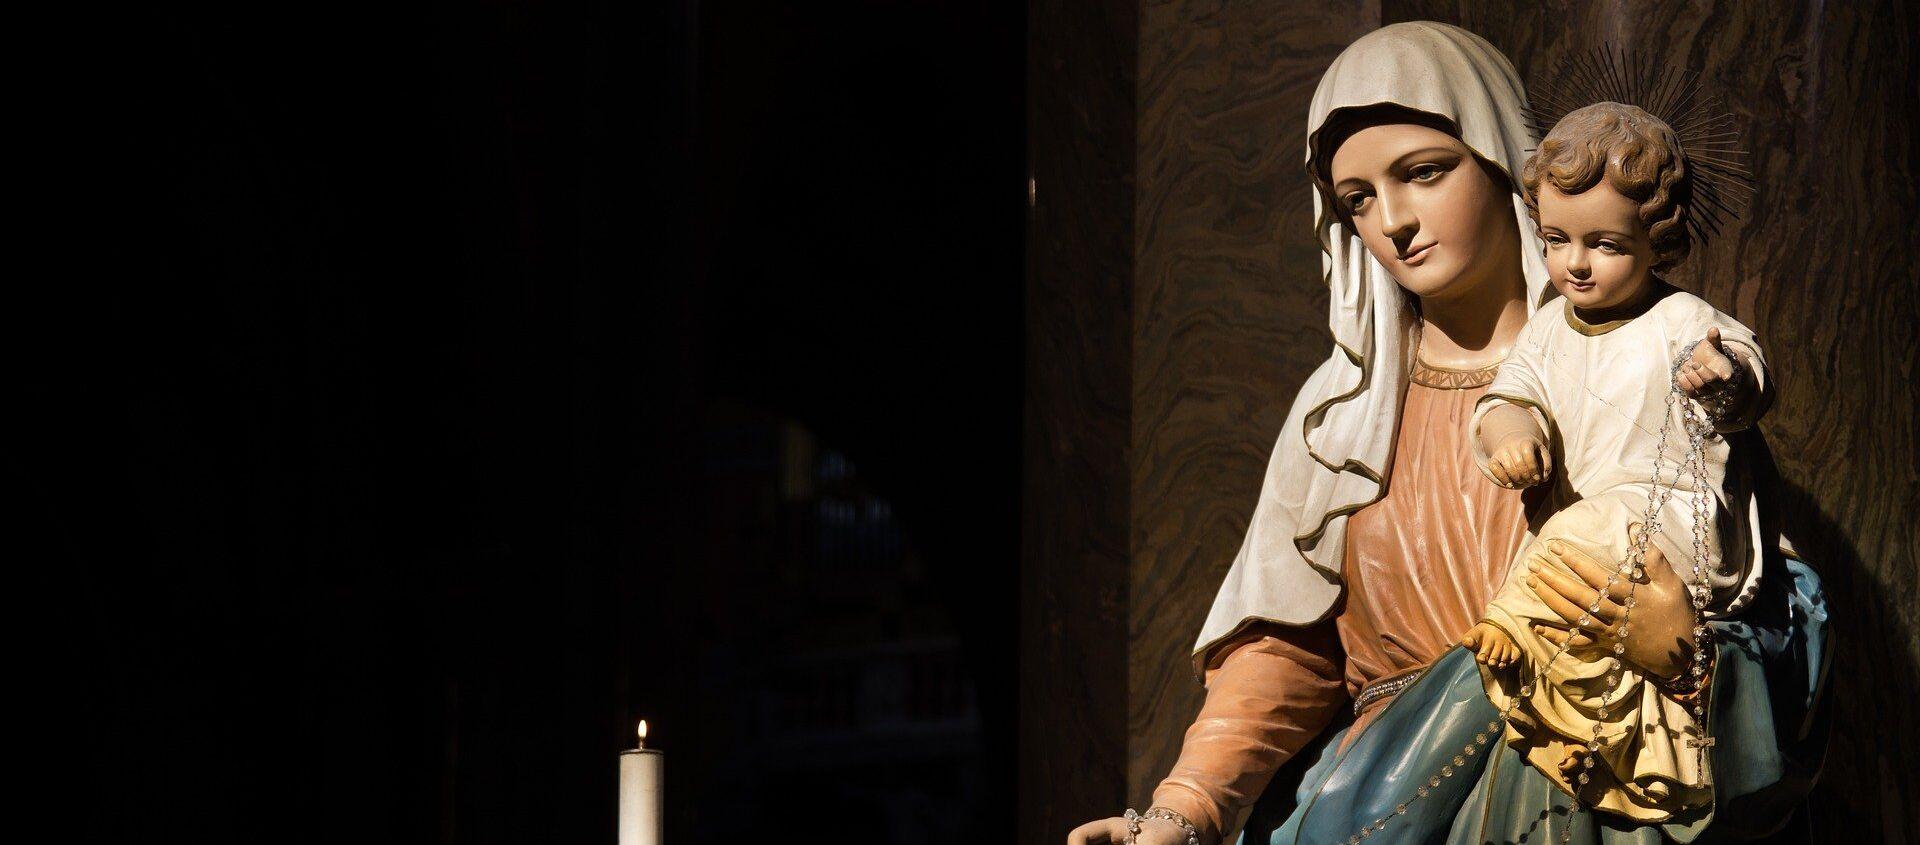 Una estatua de la Virgen María con Jesús - Sputnik Mundo, 1920, 21.06.2020